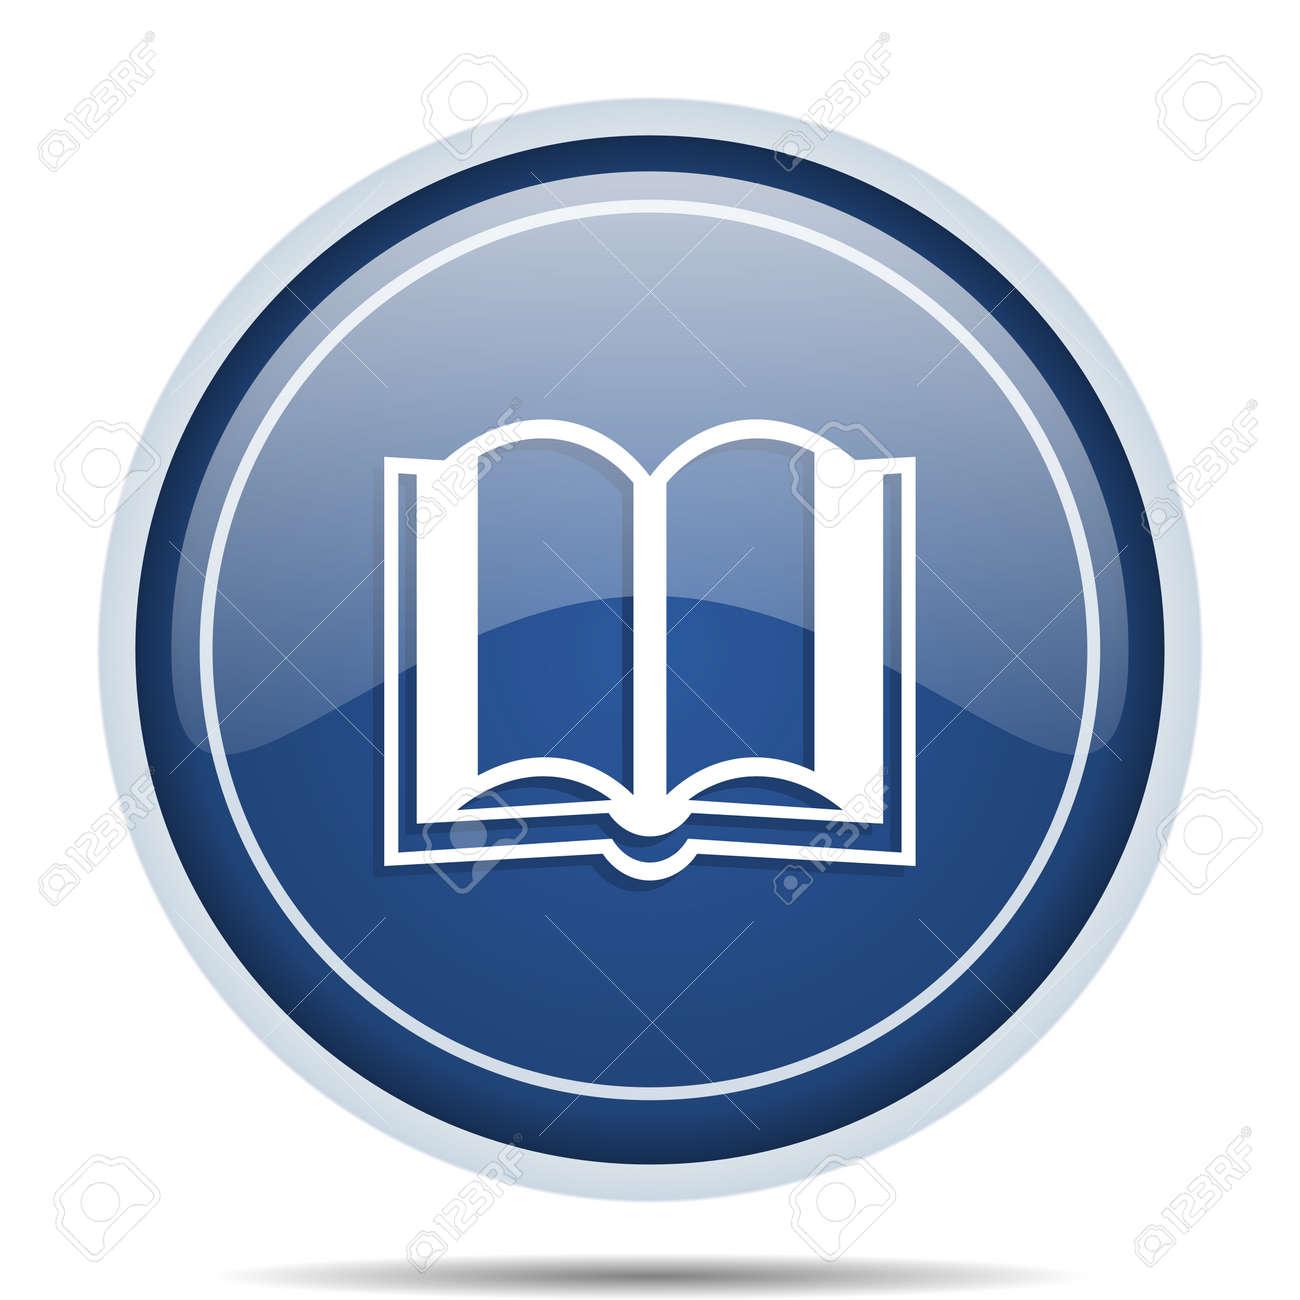 Livre Bleu Rond Icone Web Cercle Bouton Internet Isole Pour Les Applications Webdesign Et Smartphone